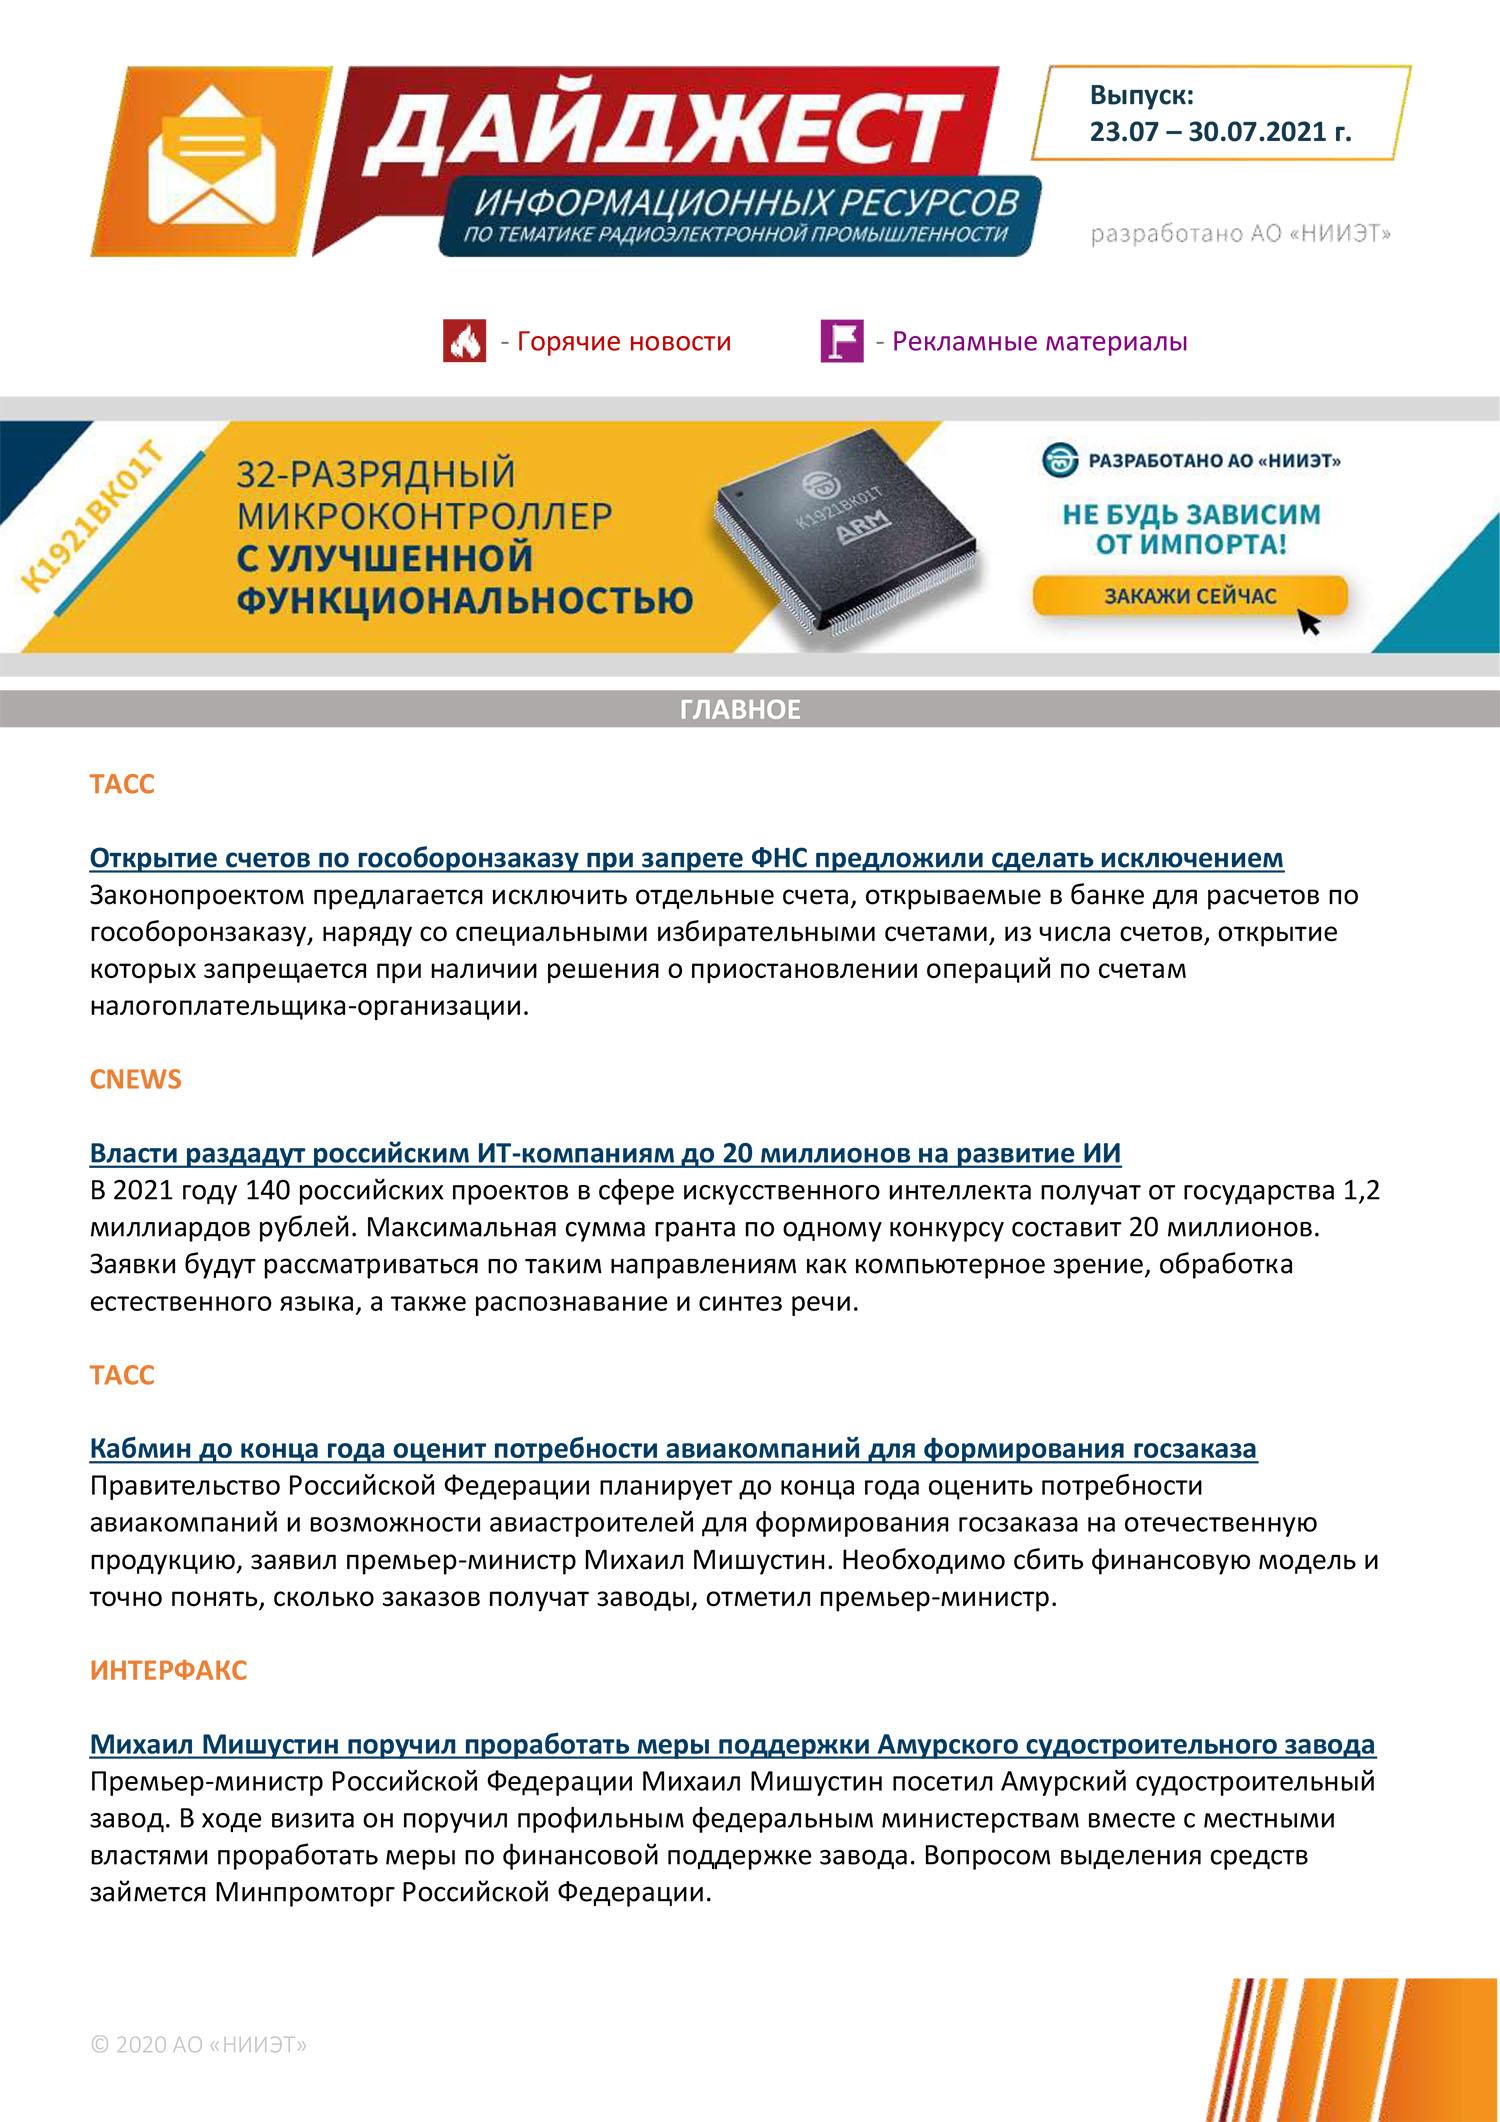 Дайджест информационных ресурсов (23.07-30.07.2021 г.)-1